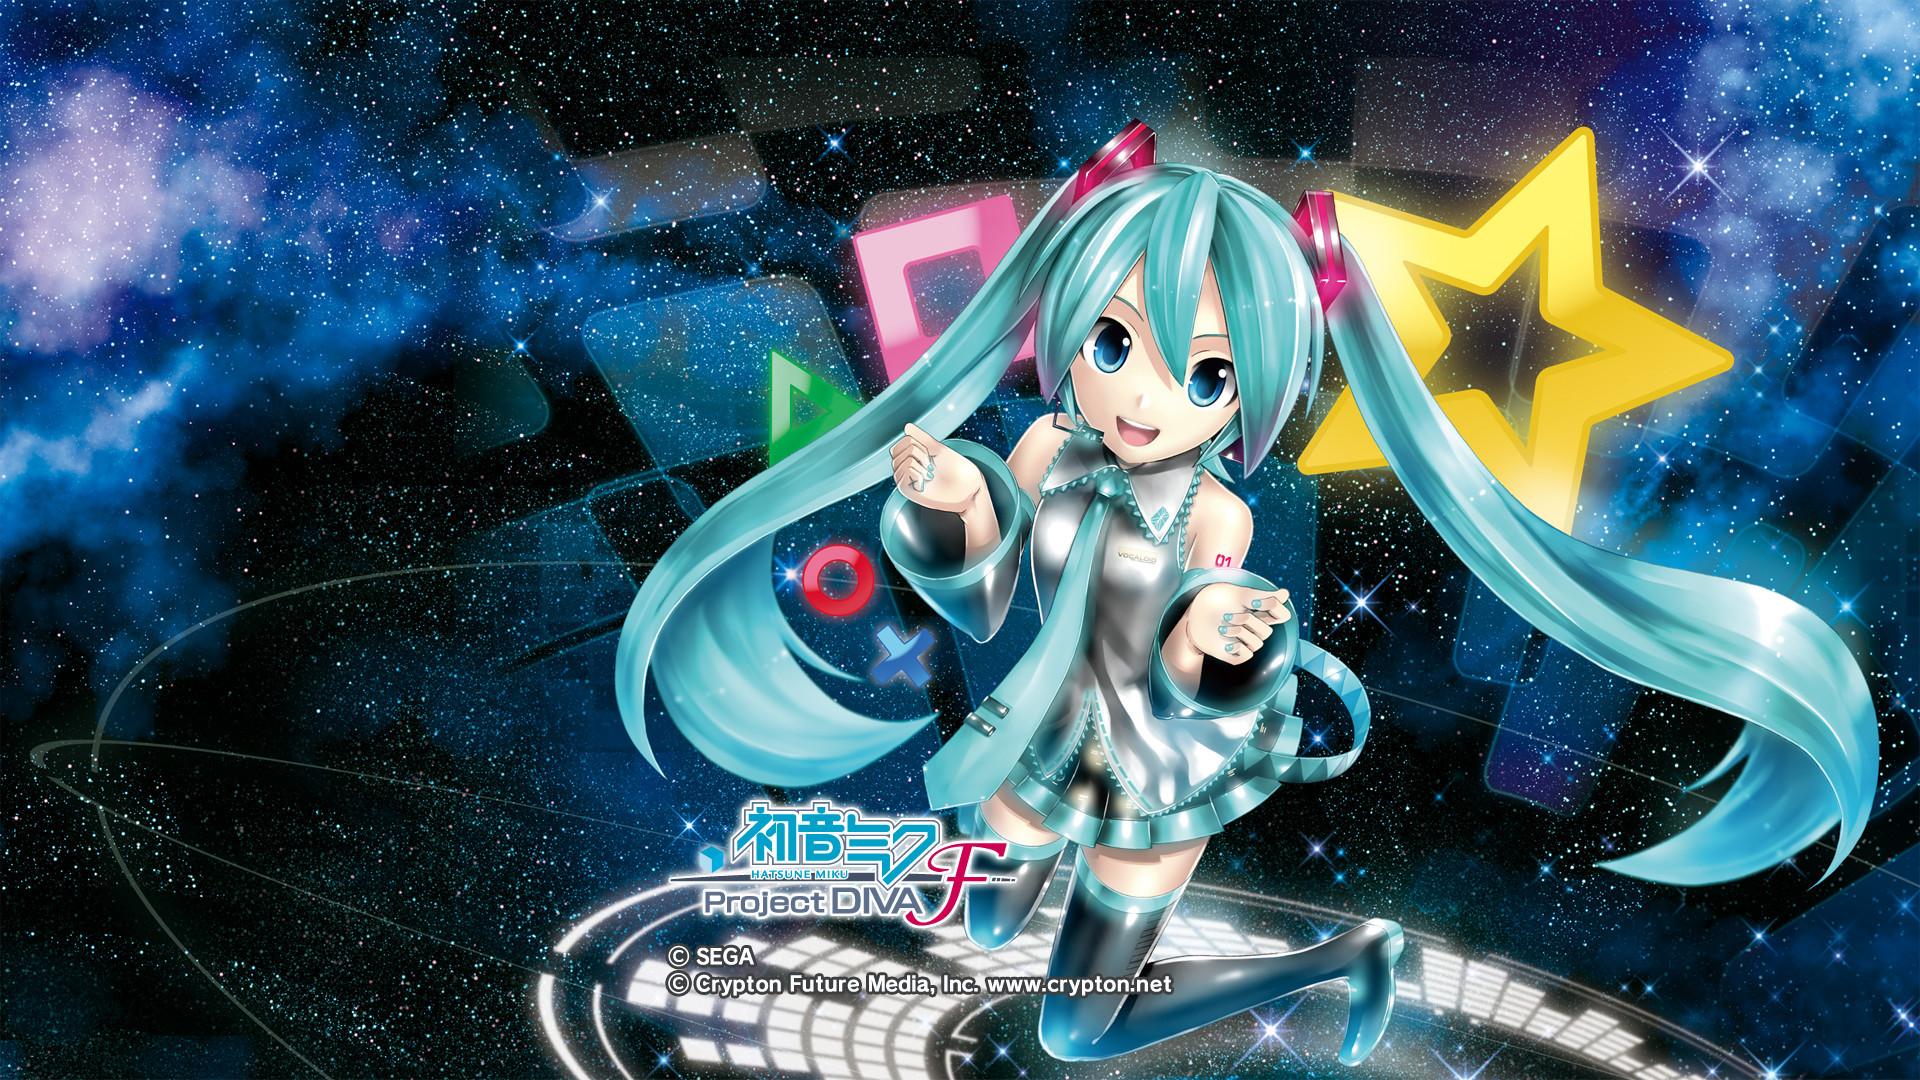 Vocaloid Hatsune Miku 1920x1080